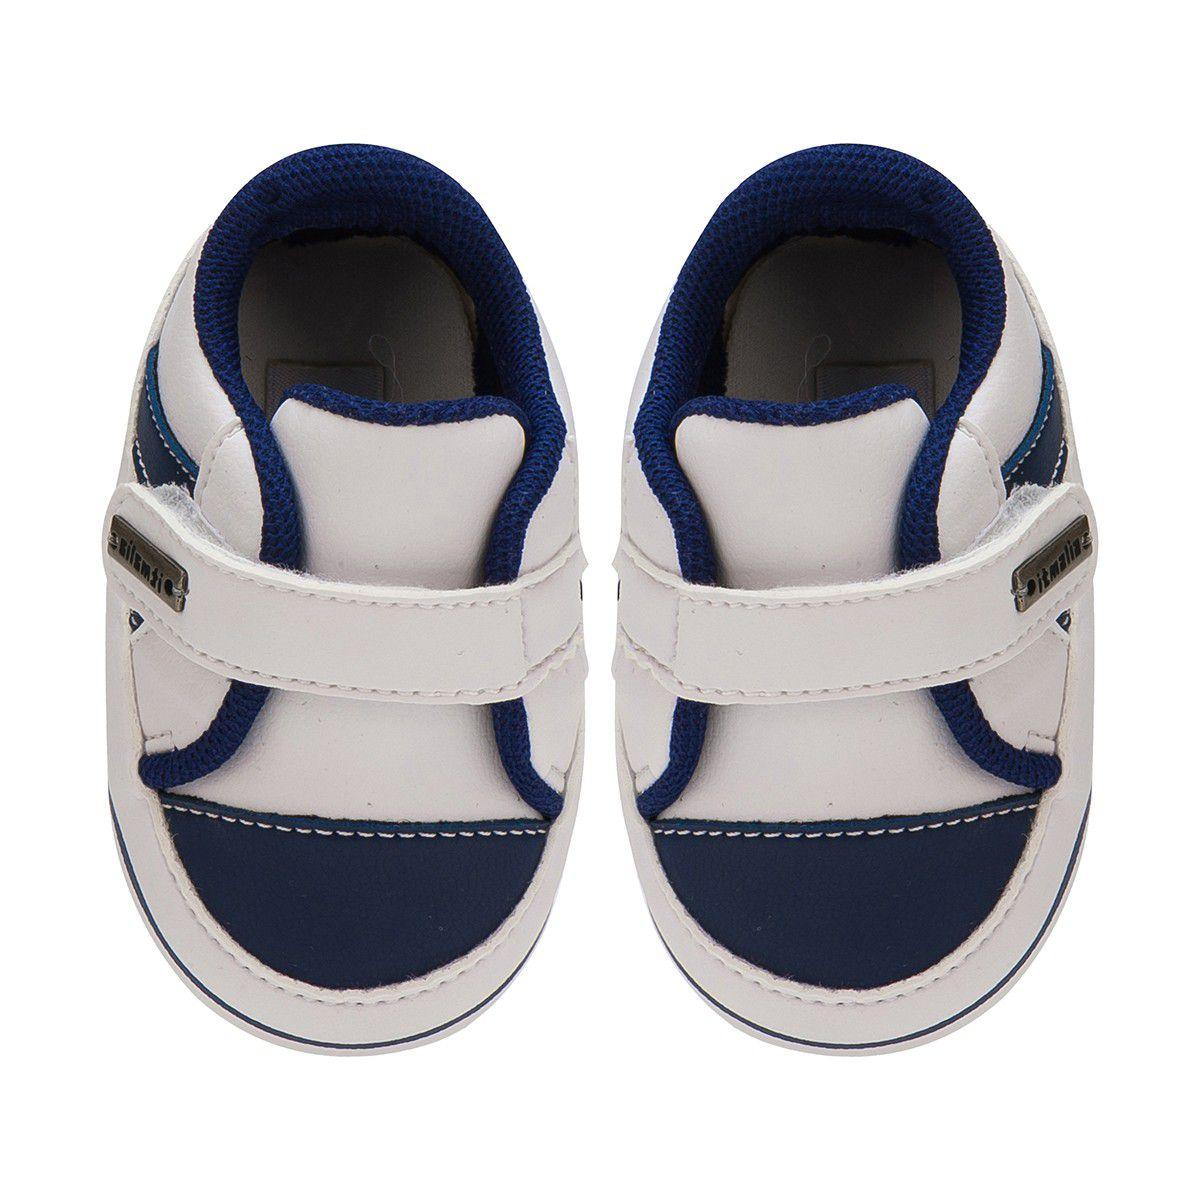 Tênis Menino Bebê Ponta Velcro Cor Branco - Itmalia